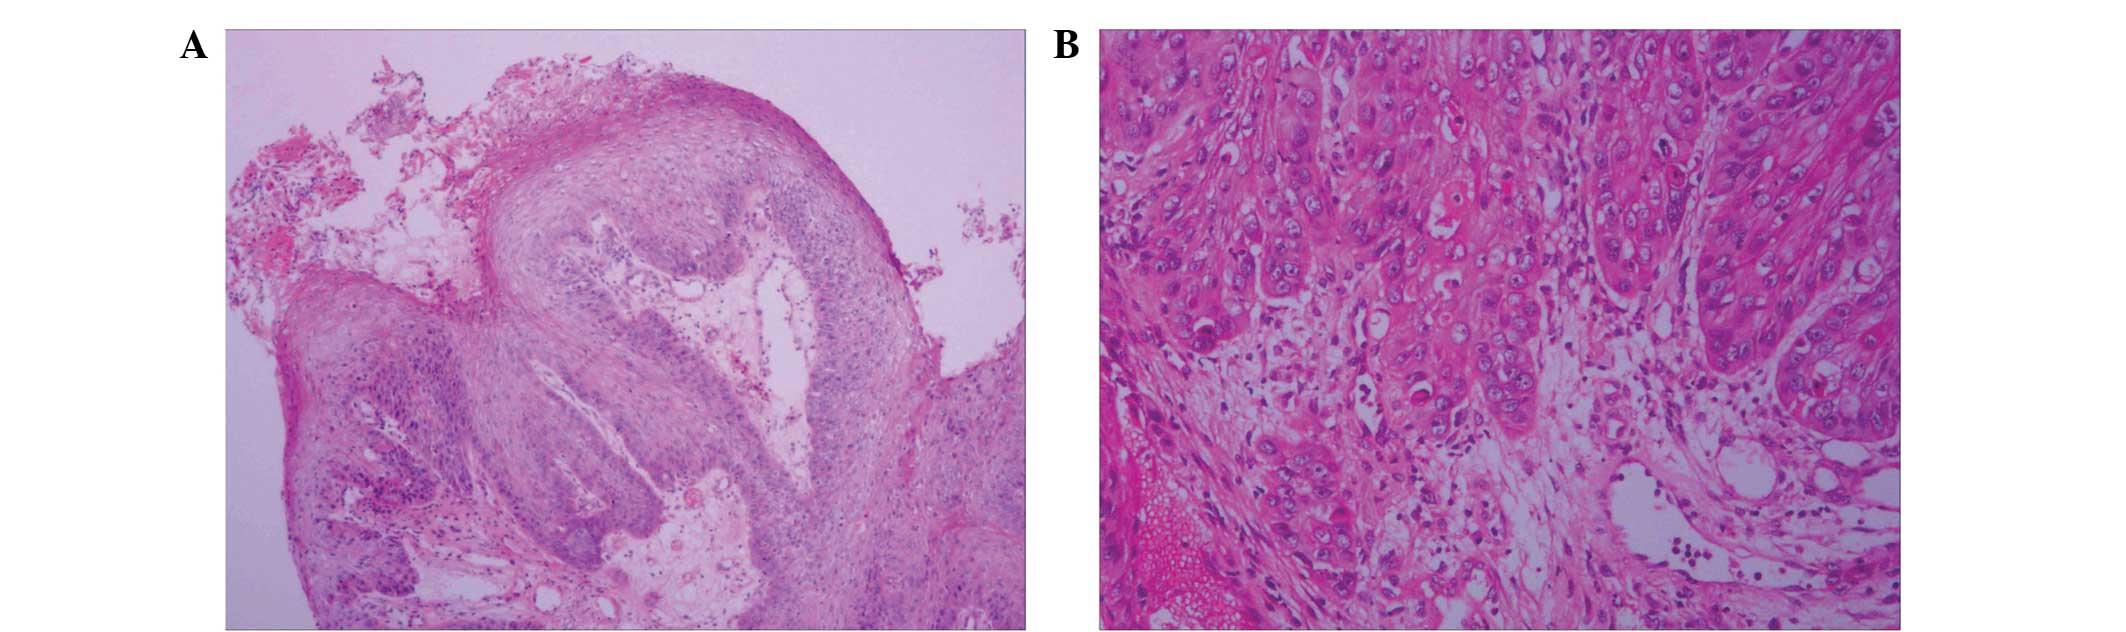 papillomas to carcinomas)